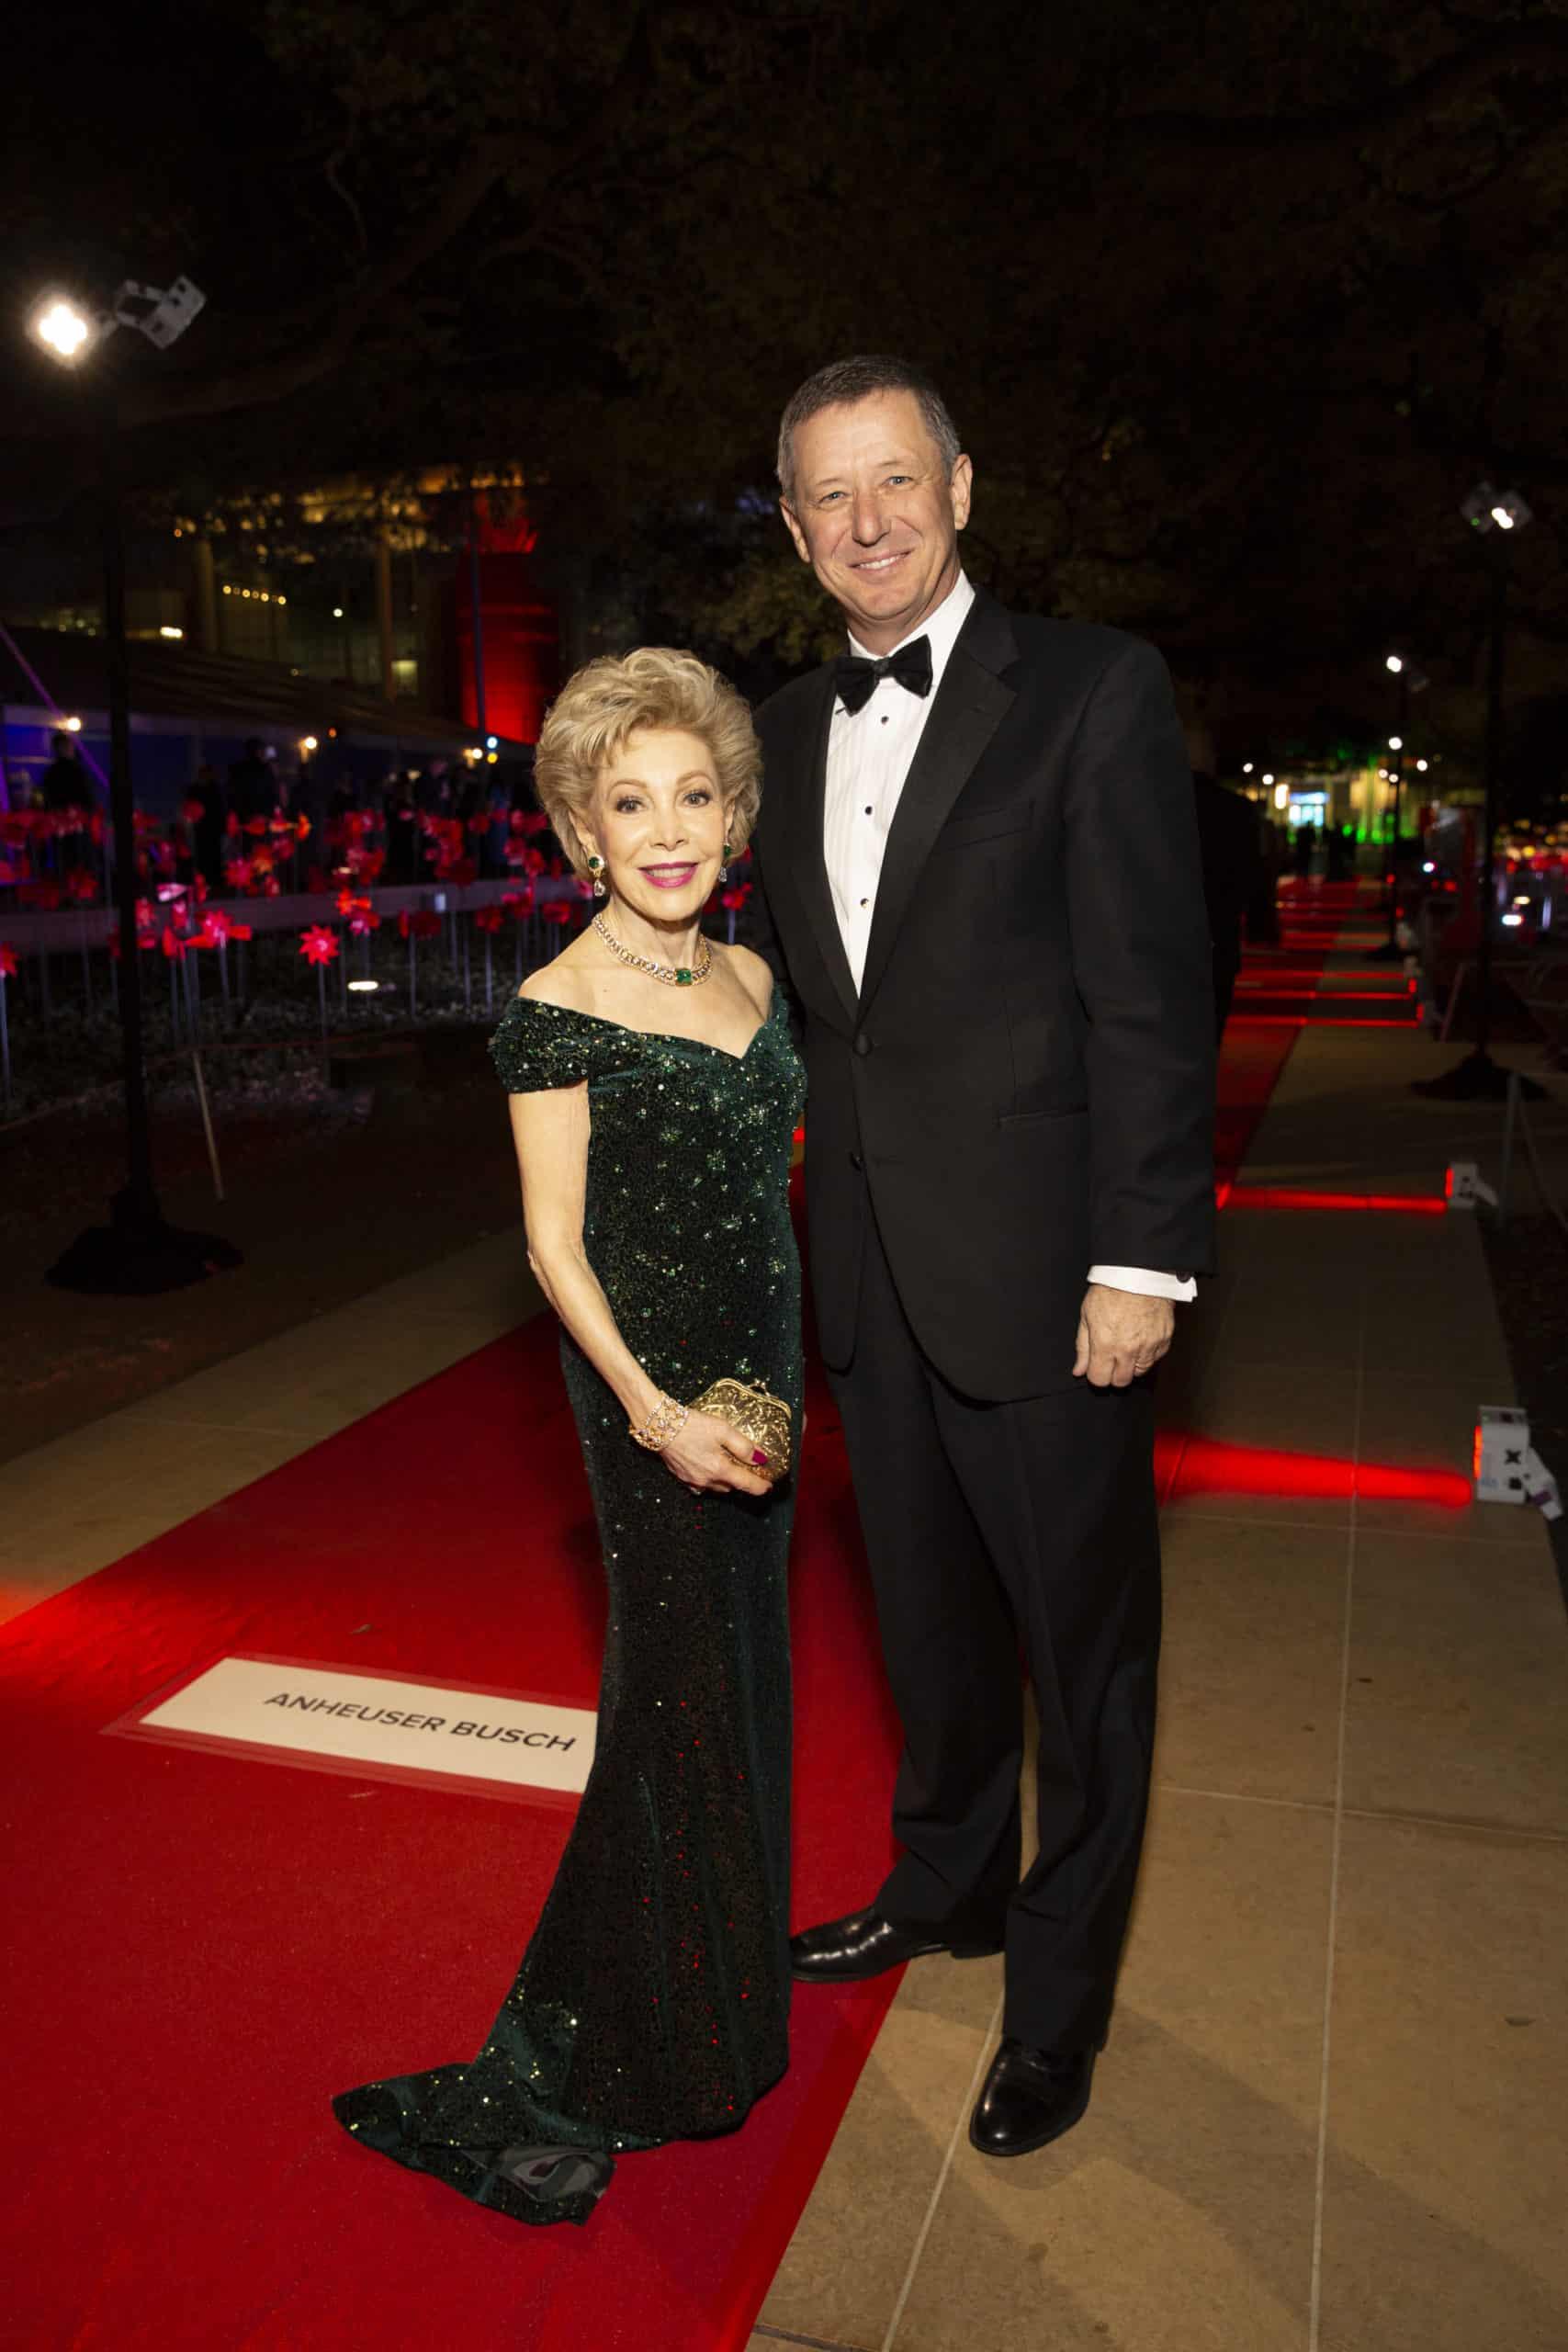 Margaret Alkek Williams and David Wuthrich